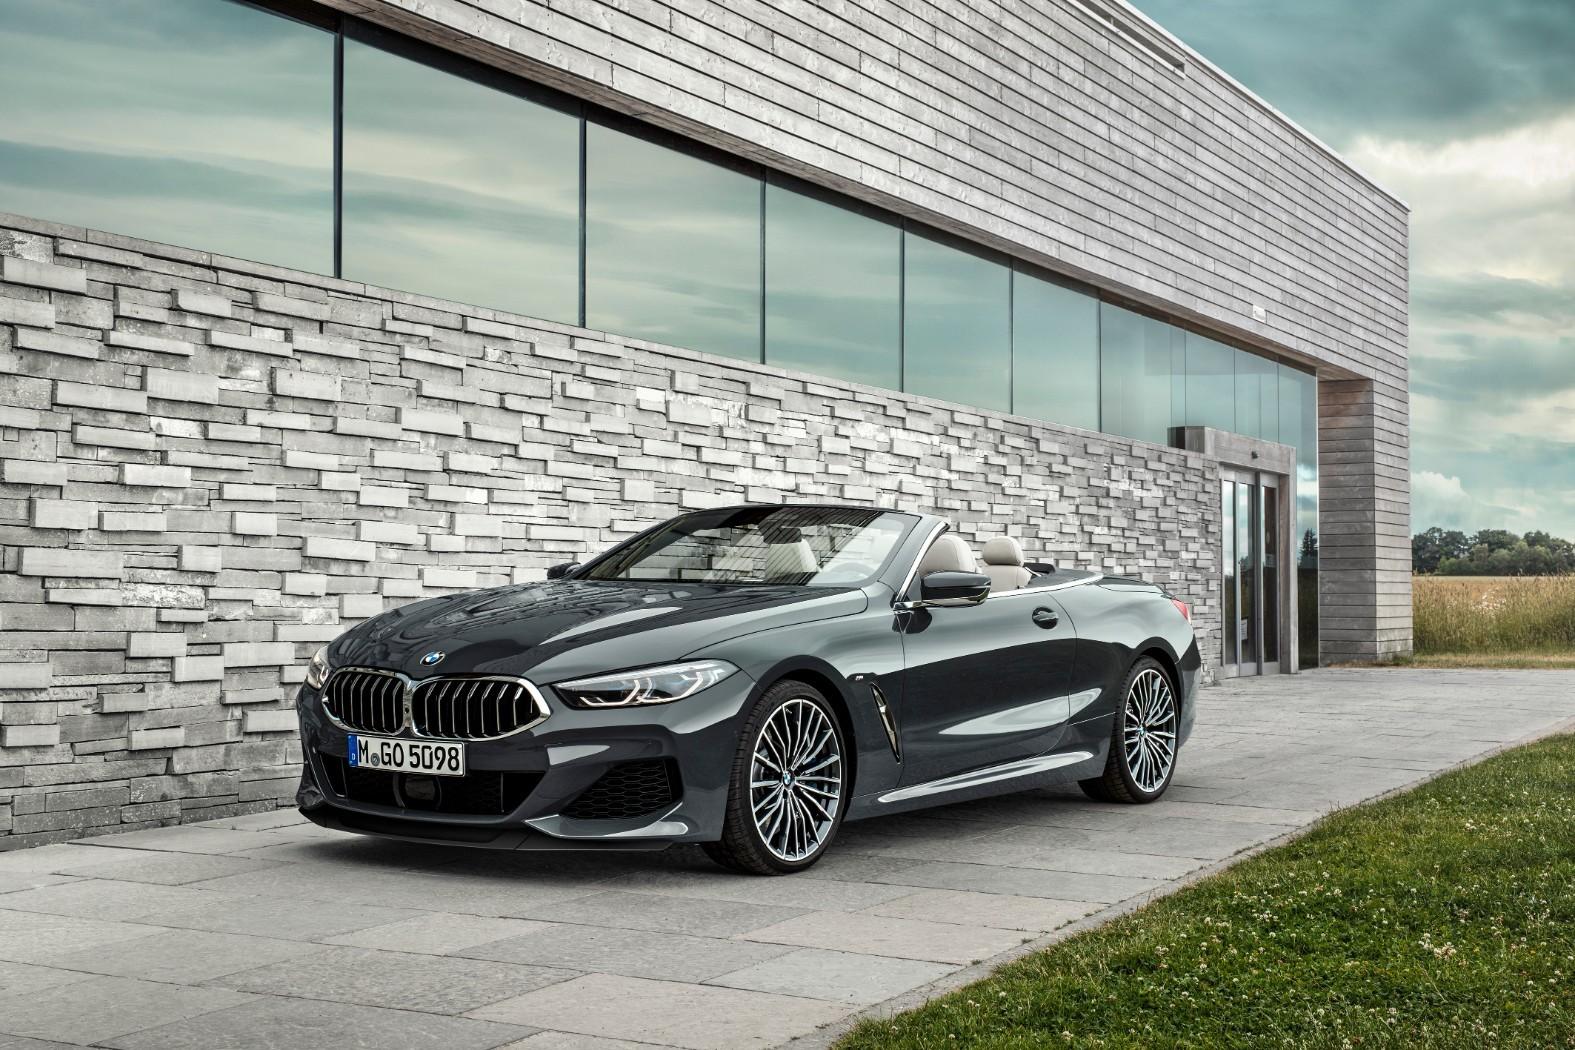 Upoznajte BMW serije 8 u kabrio izdanju! (GALERIJA)